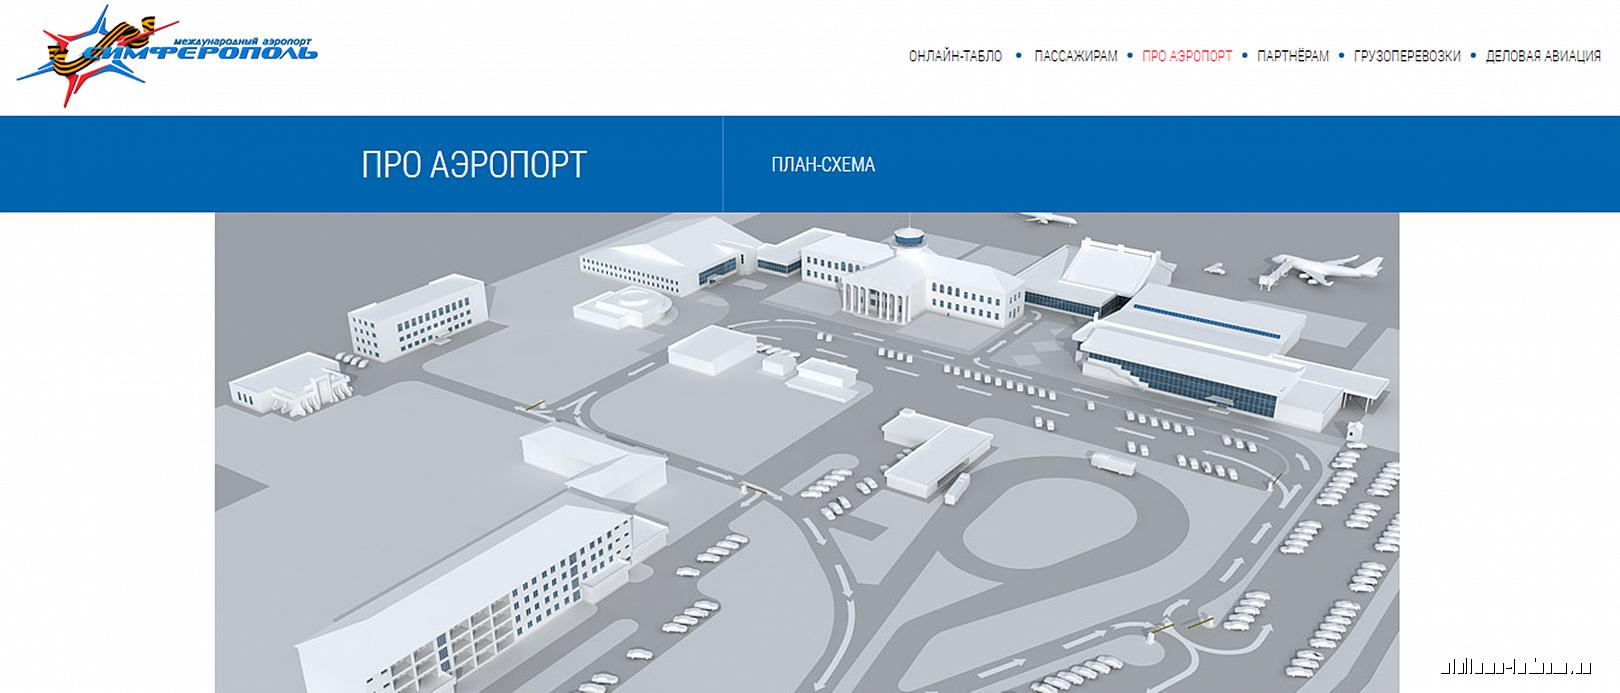 План аэропорта Симферополь